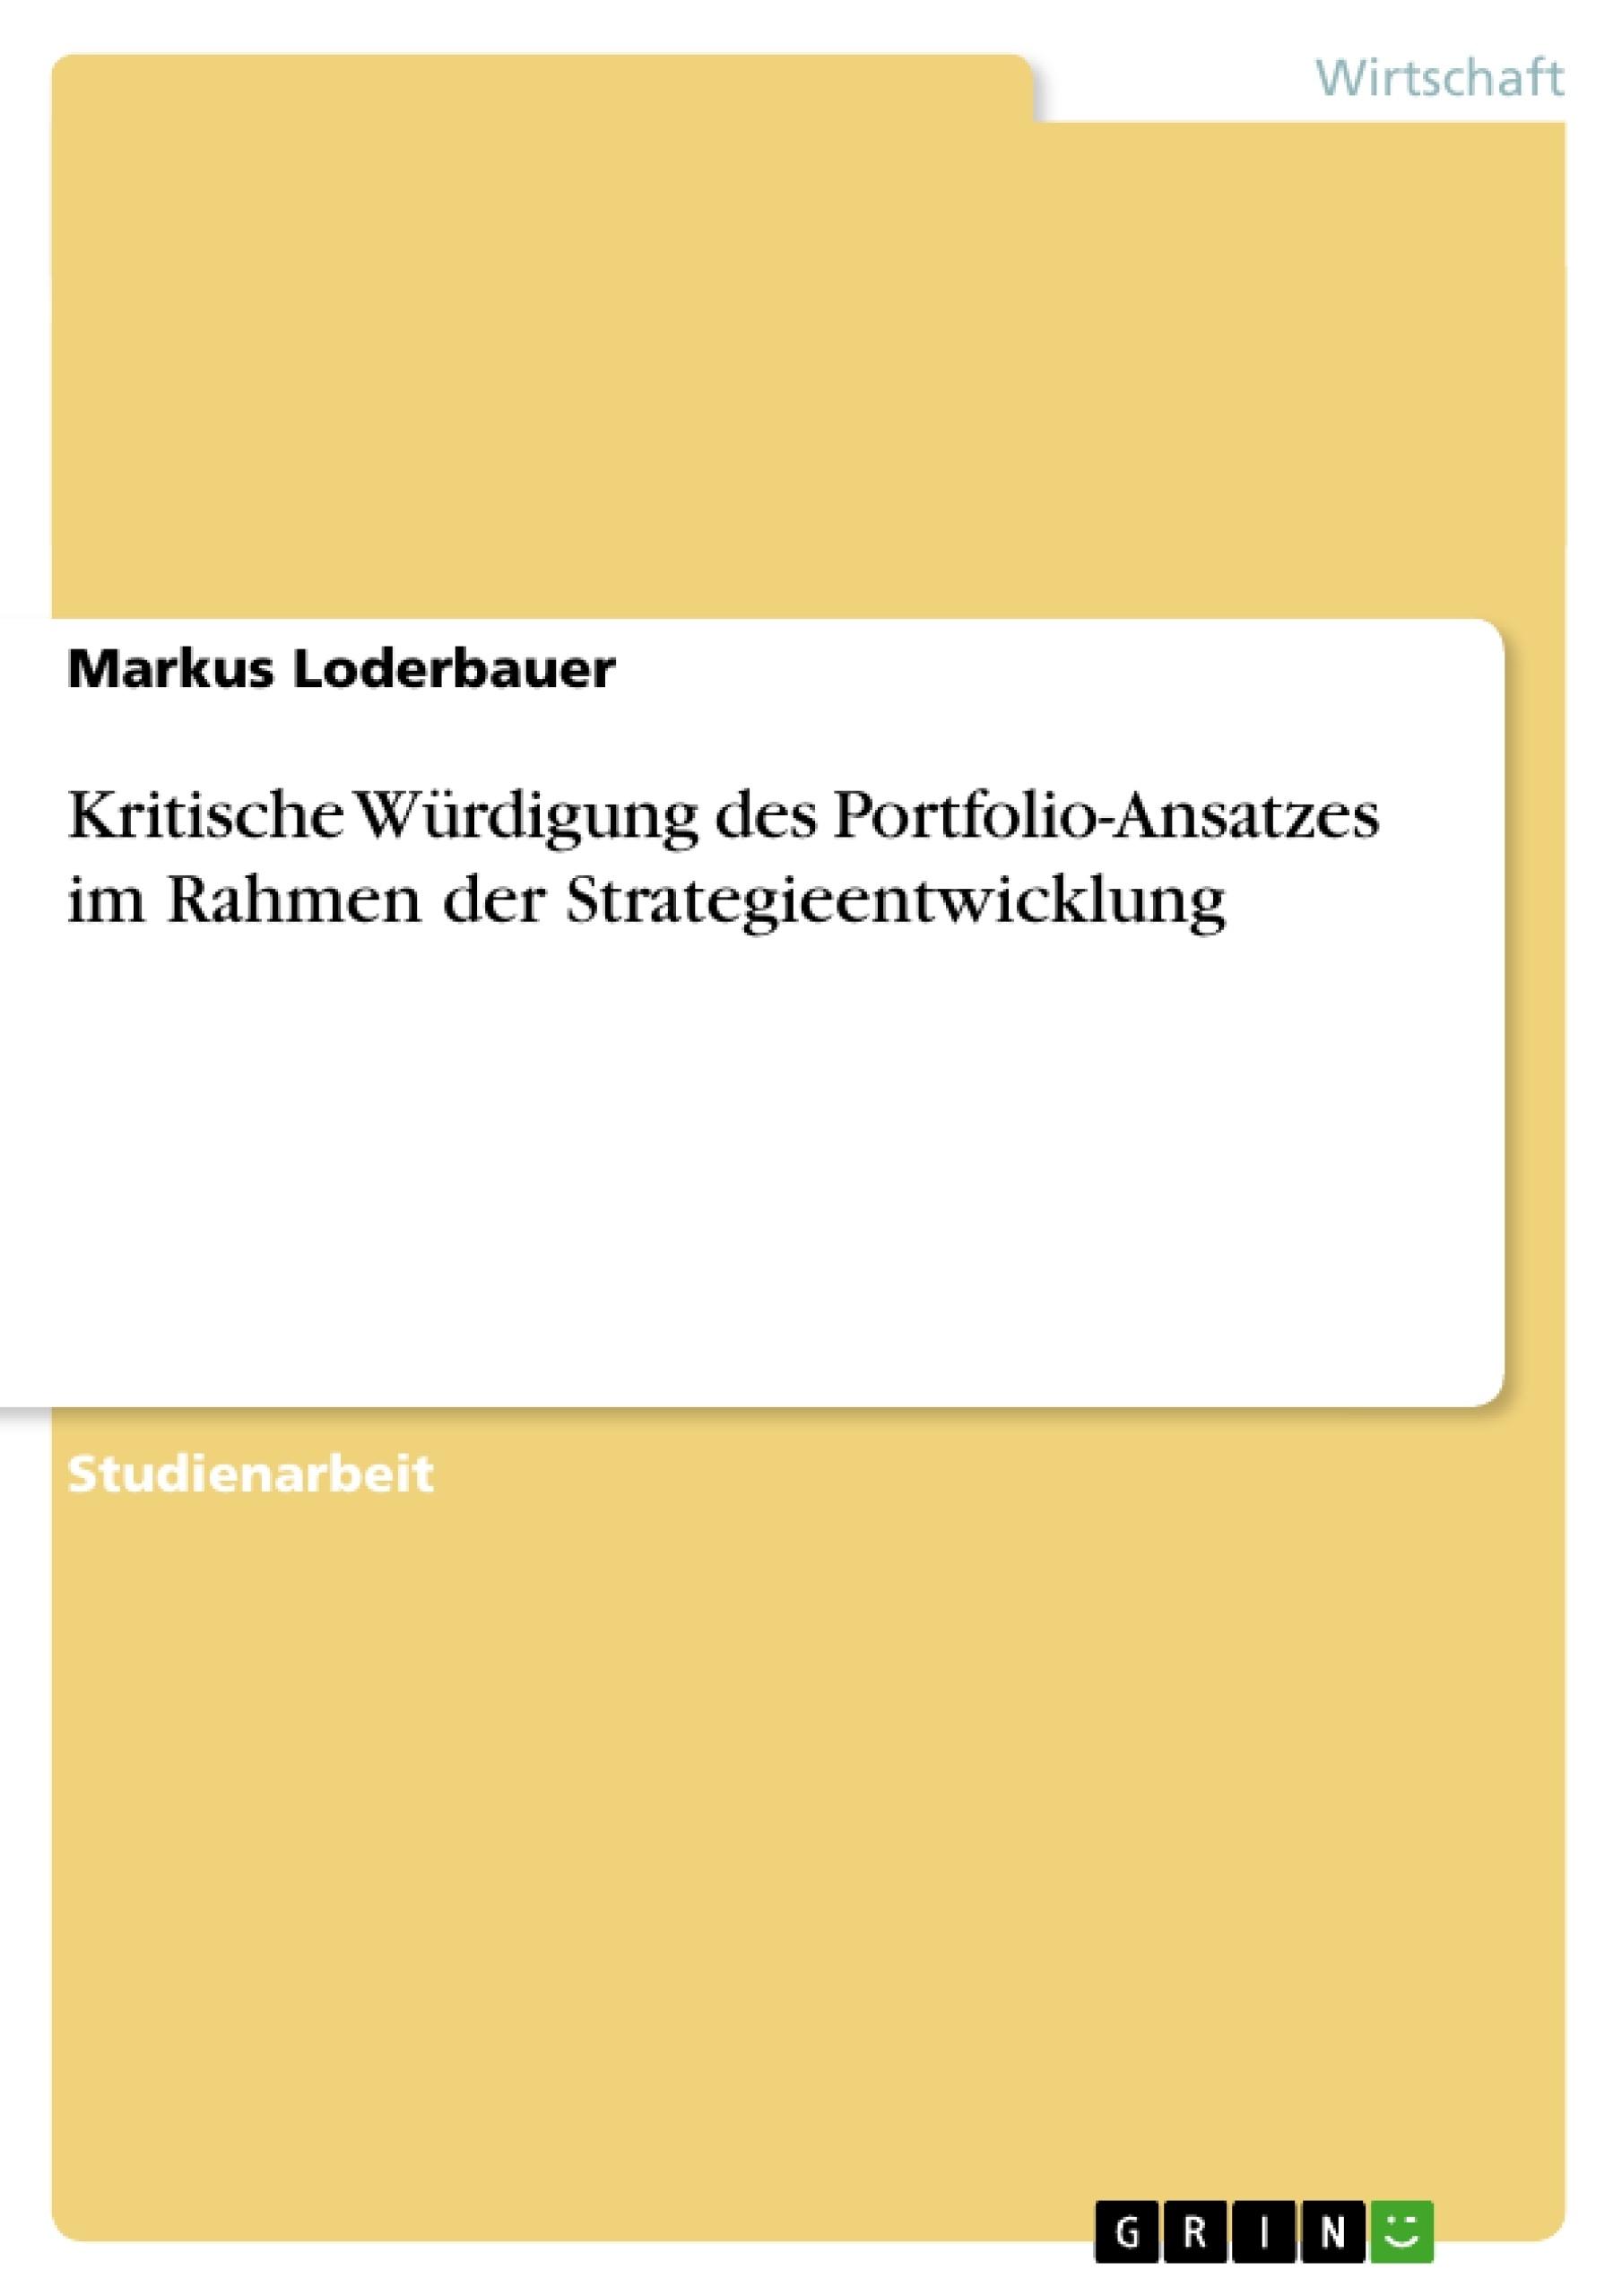 Titel: Kritische Würdigung des Portfolio-Ansatzes im Rahmen der Strategieentwicklung